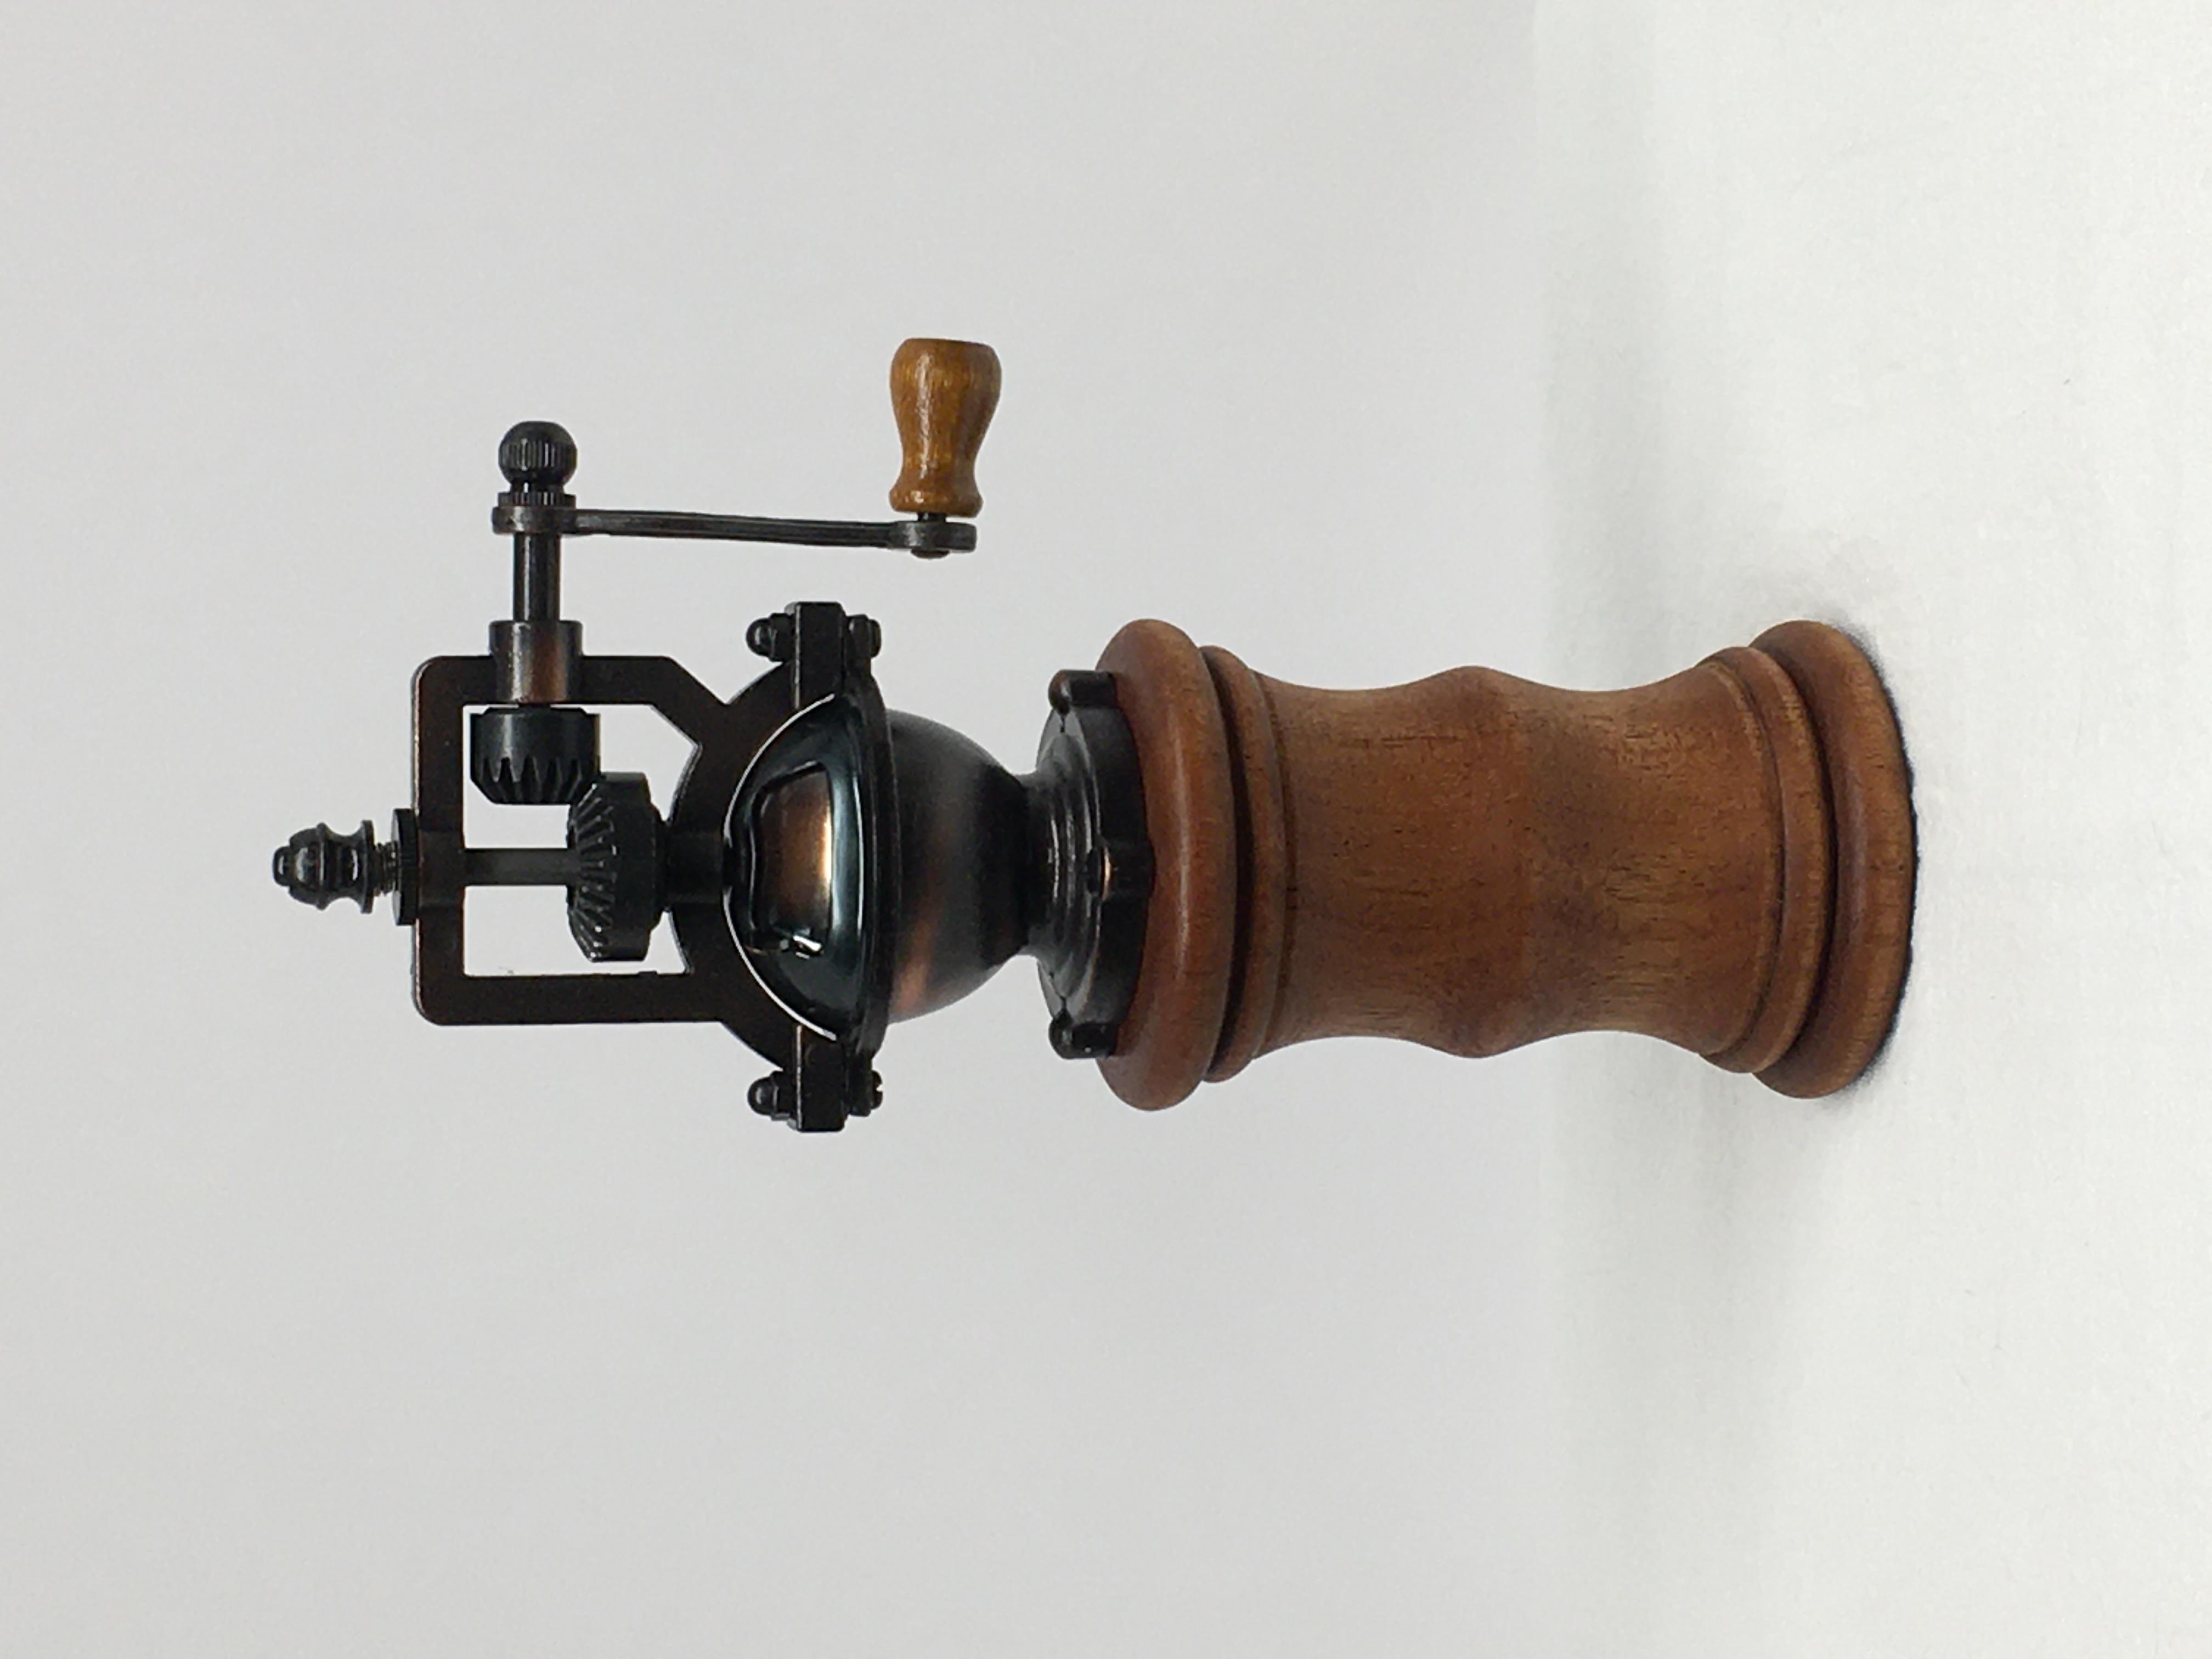 Peppermill mahog 1.JPG